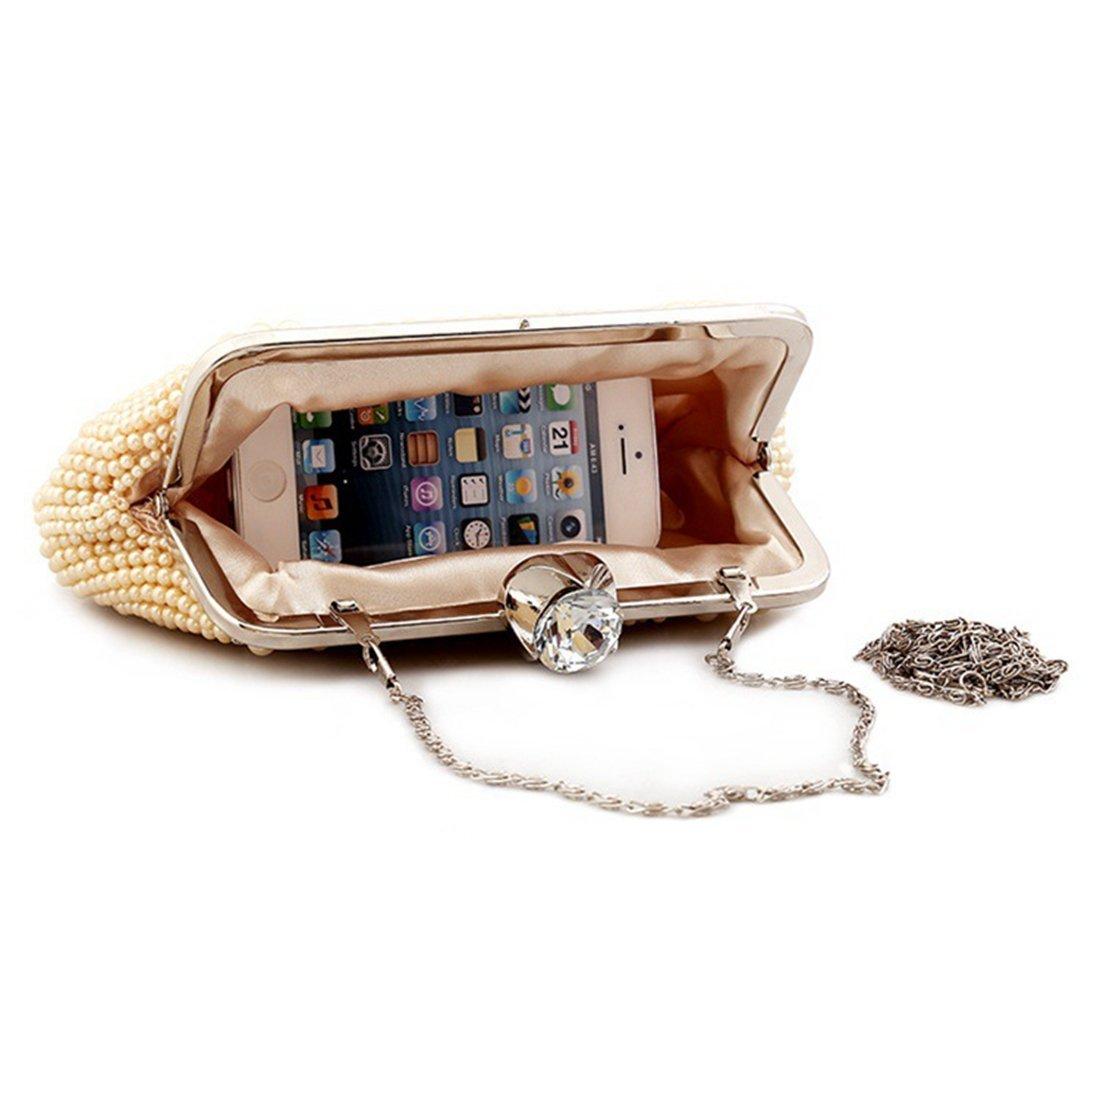 AHIMITSU Tote Handtasche Diamantkupplung Diamantkupplung Diamantkupplung Handtasche Tasche Moonlight Flower Fashion Sunflower für Frauen (Farbe   Champagne) B07PNXZ4DT Damenhandtaschen Attraktiv und langlebig 482d69